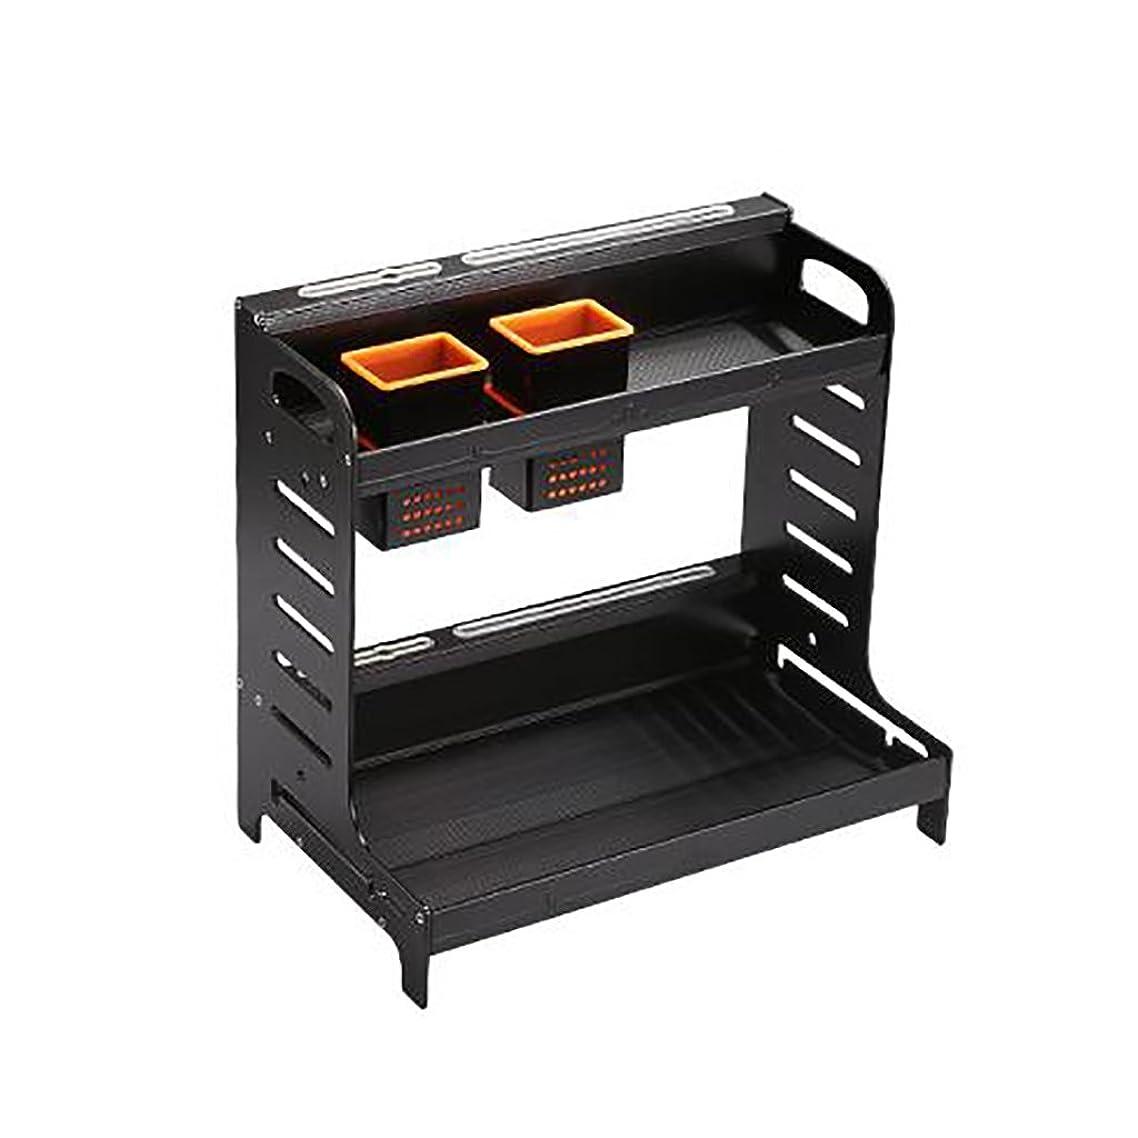 オリエントアラバマ見出し棚スペースアルミランディング2層キッチン調味料ラック棚キッチン用品ラックツールホルダー収納ラックスパイス棚